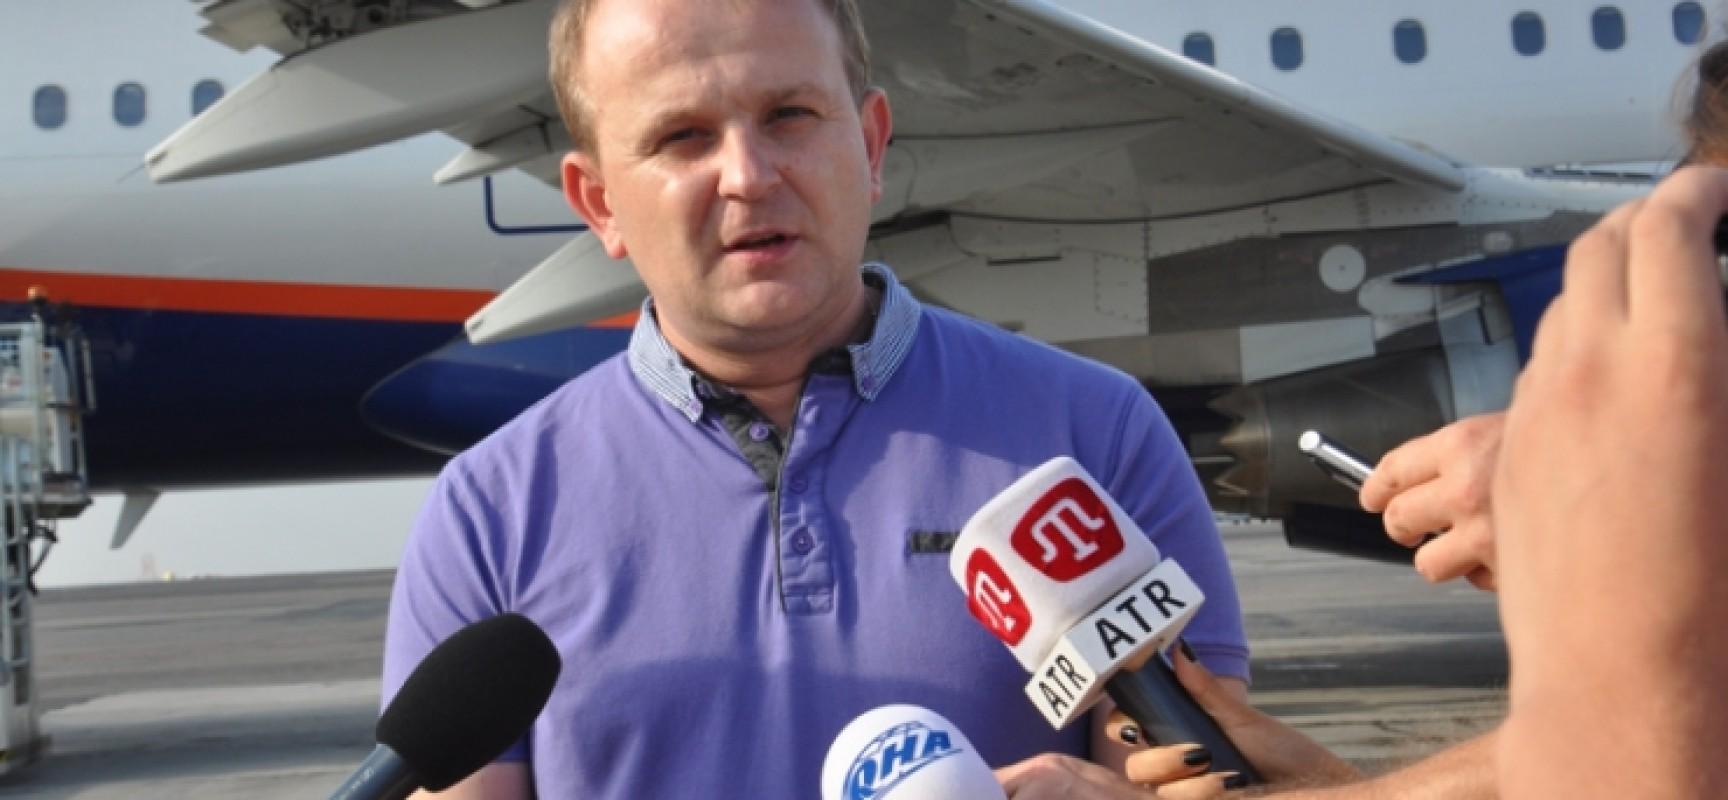 Цуркин посетил Краснодар: власти готовятся к строительству моста через Керченский пролив